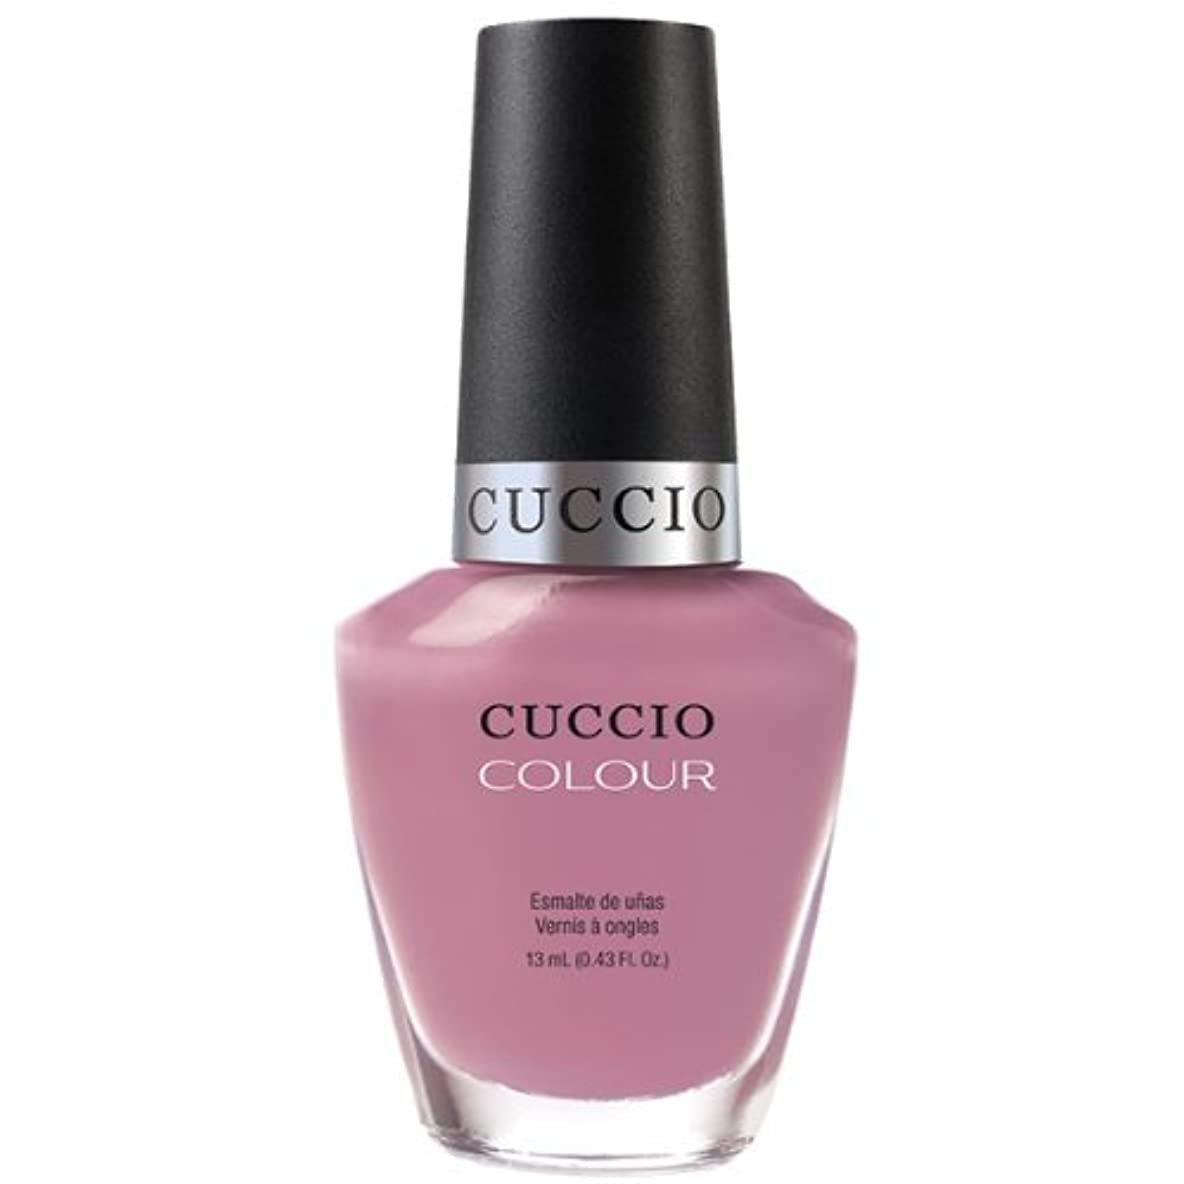 磁気シュート検索エンジンマーケティングCuccio Colour Gloss Lacquer - Bali Bliss - 0.43oz / 13ml